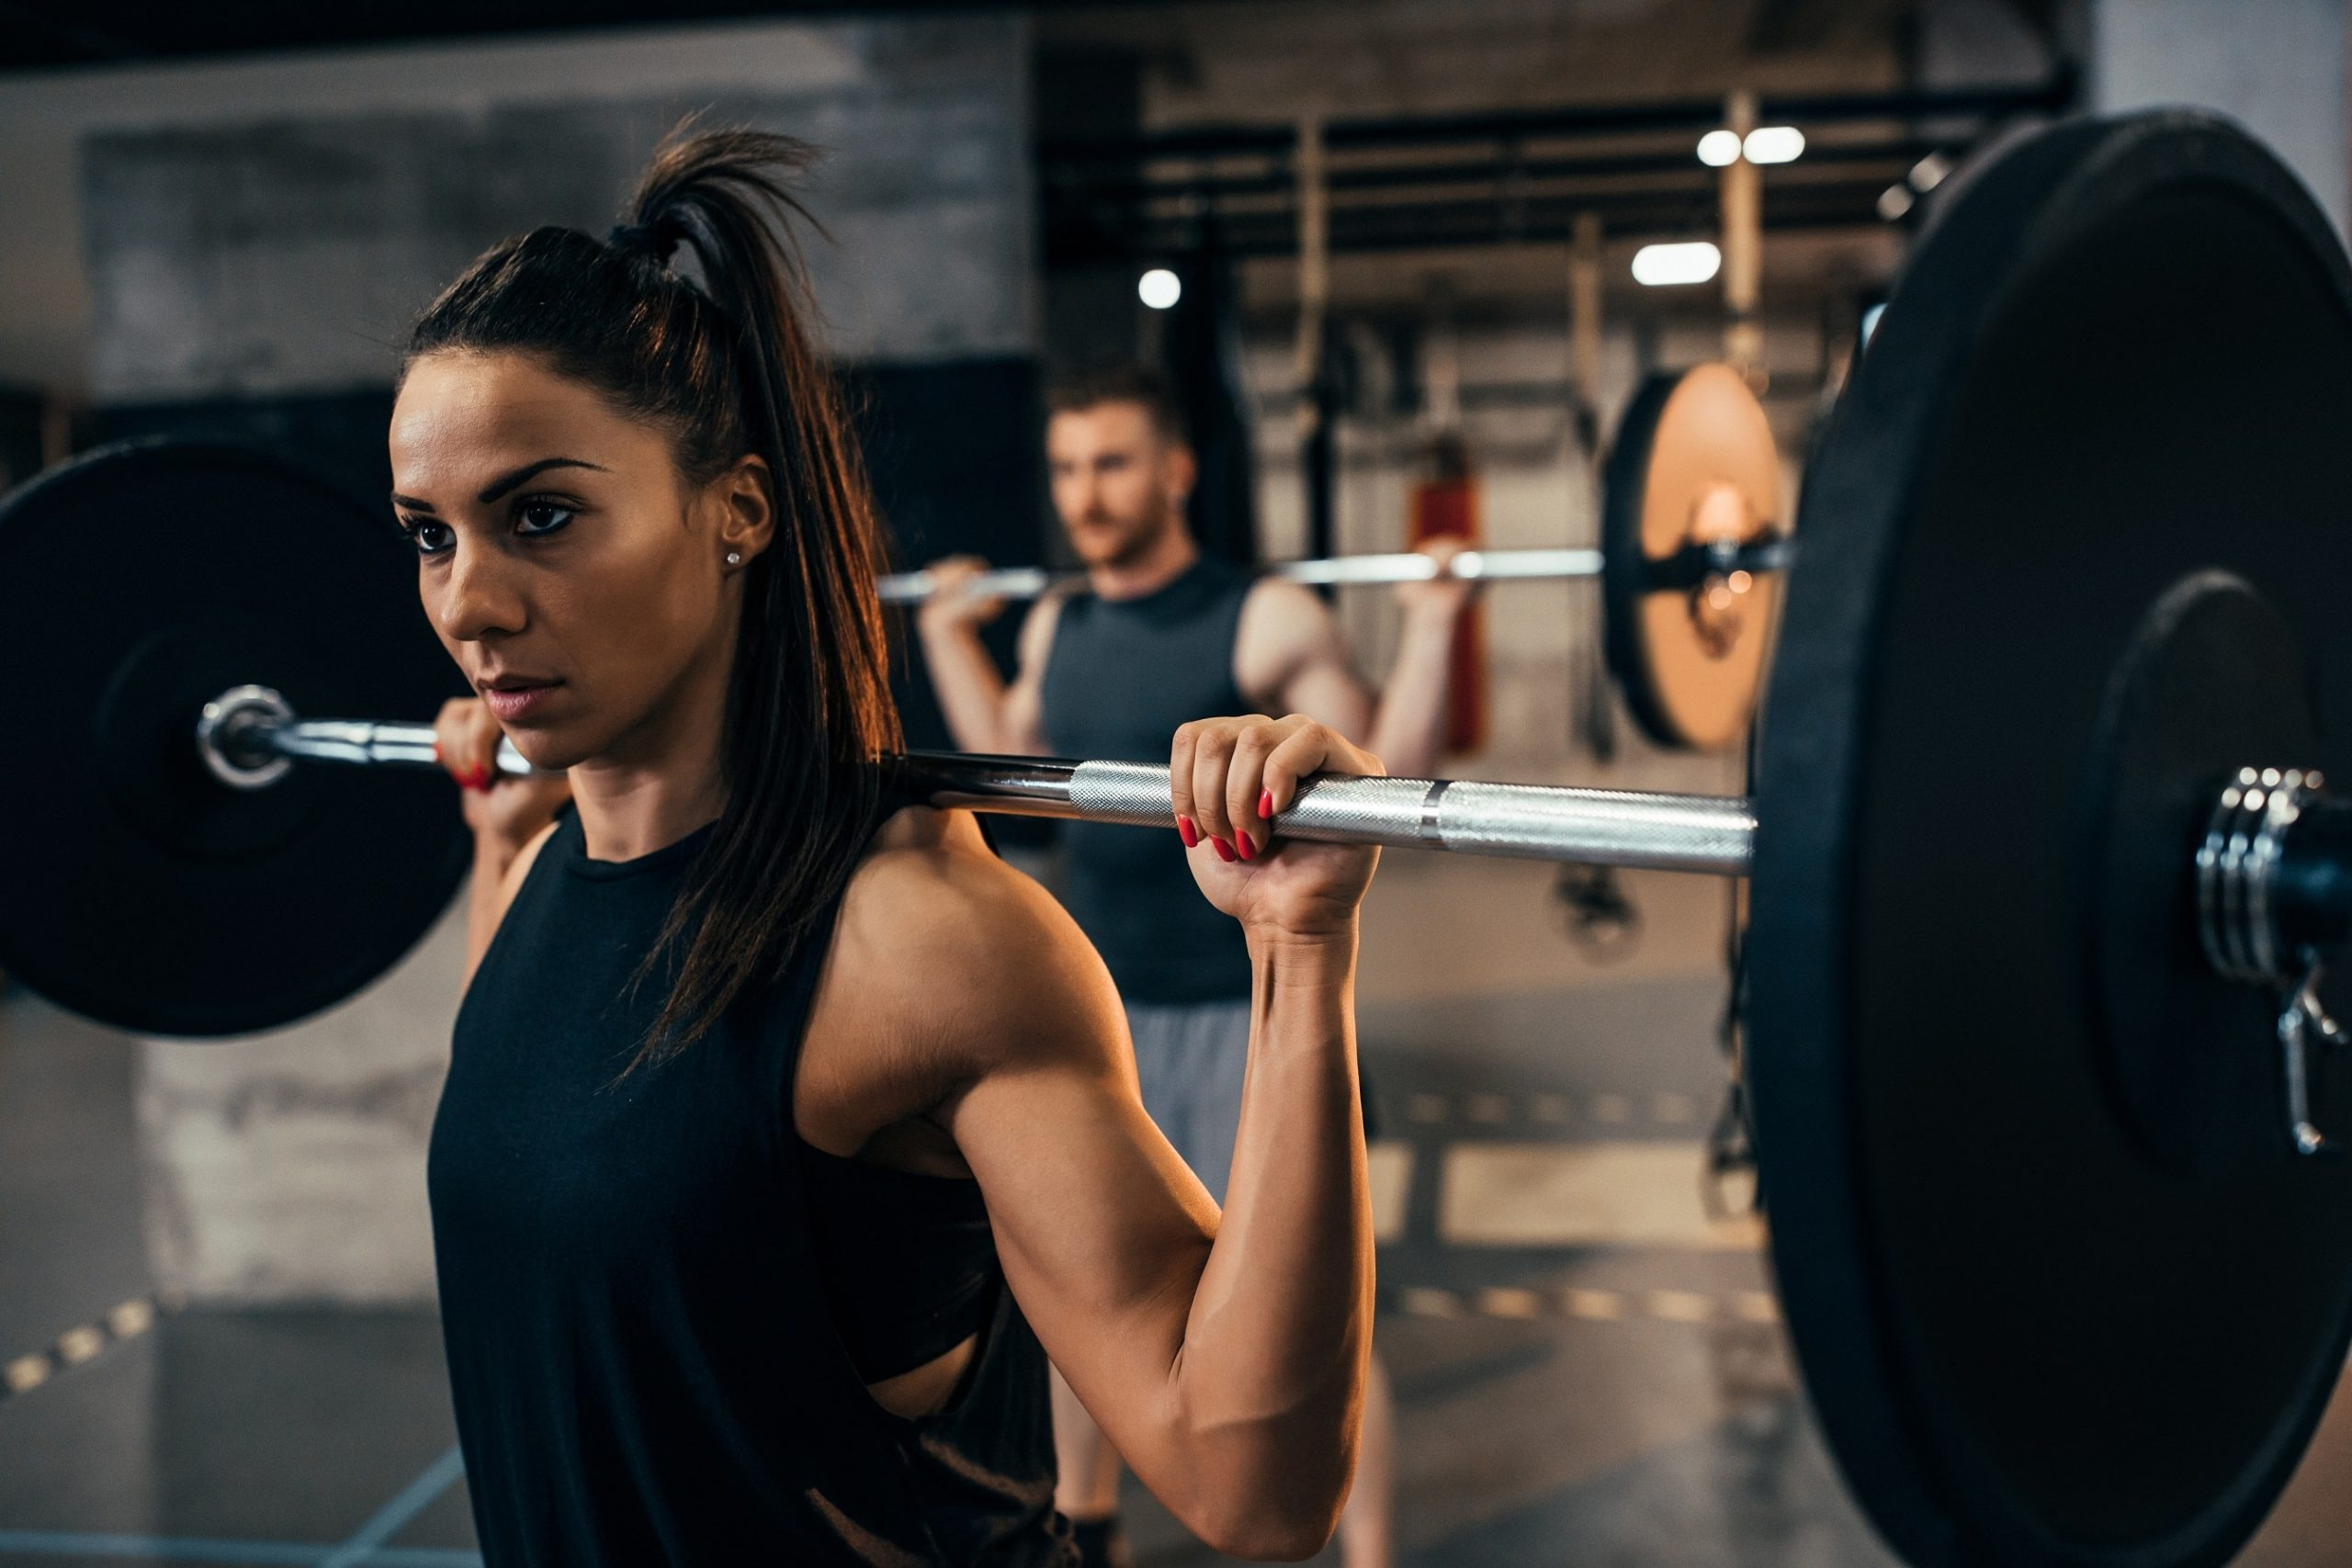 Musculação e emagrecimento: como se complementam?